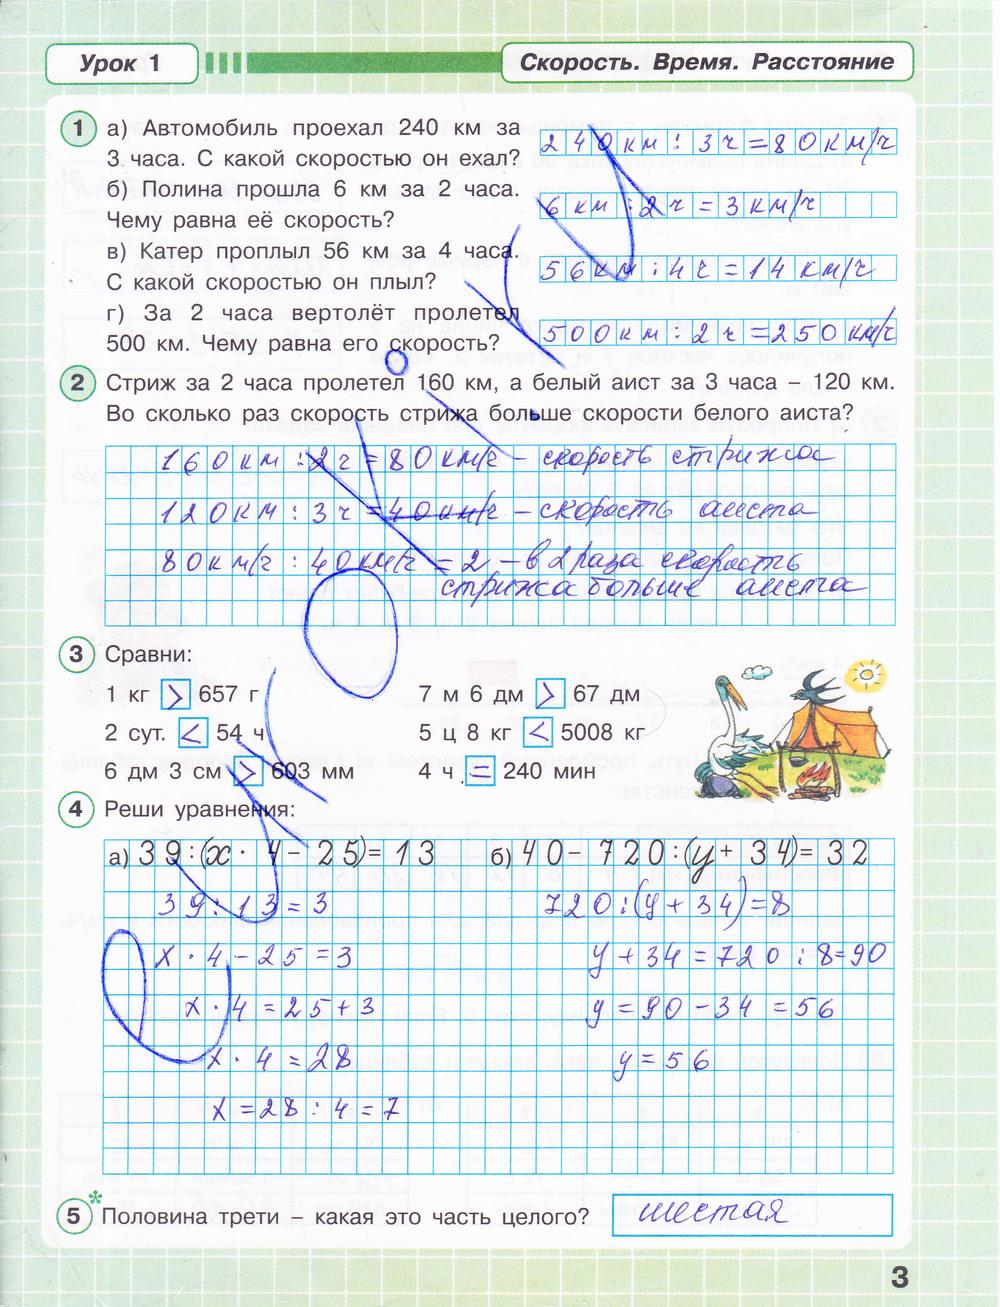 Часть по петерсон готовое задание 3 домашнее 3 ответы математике класс